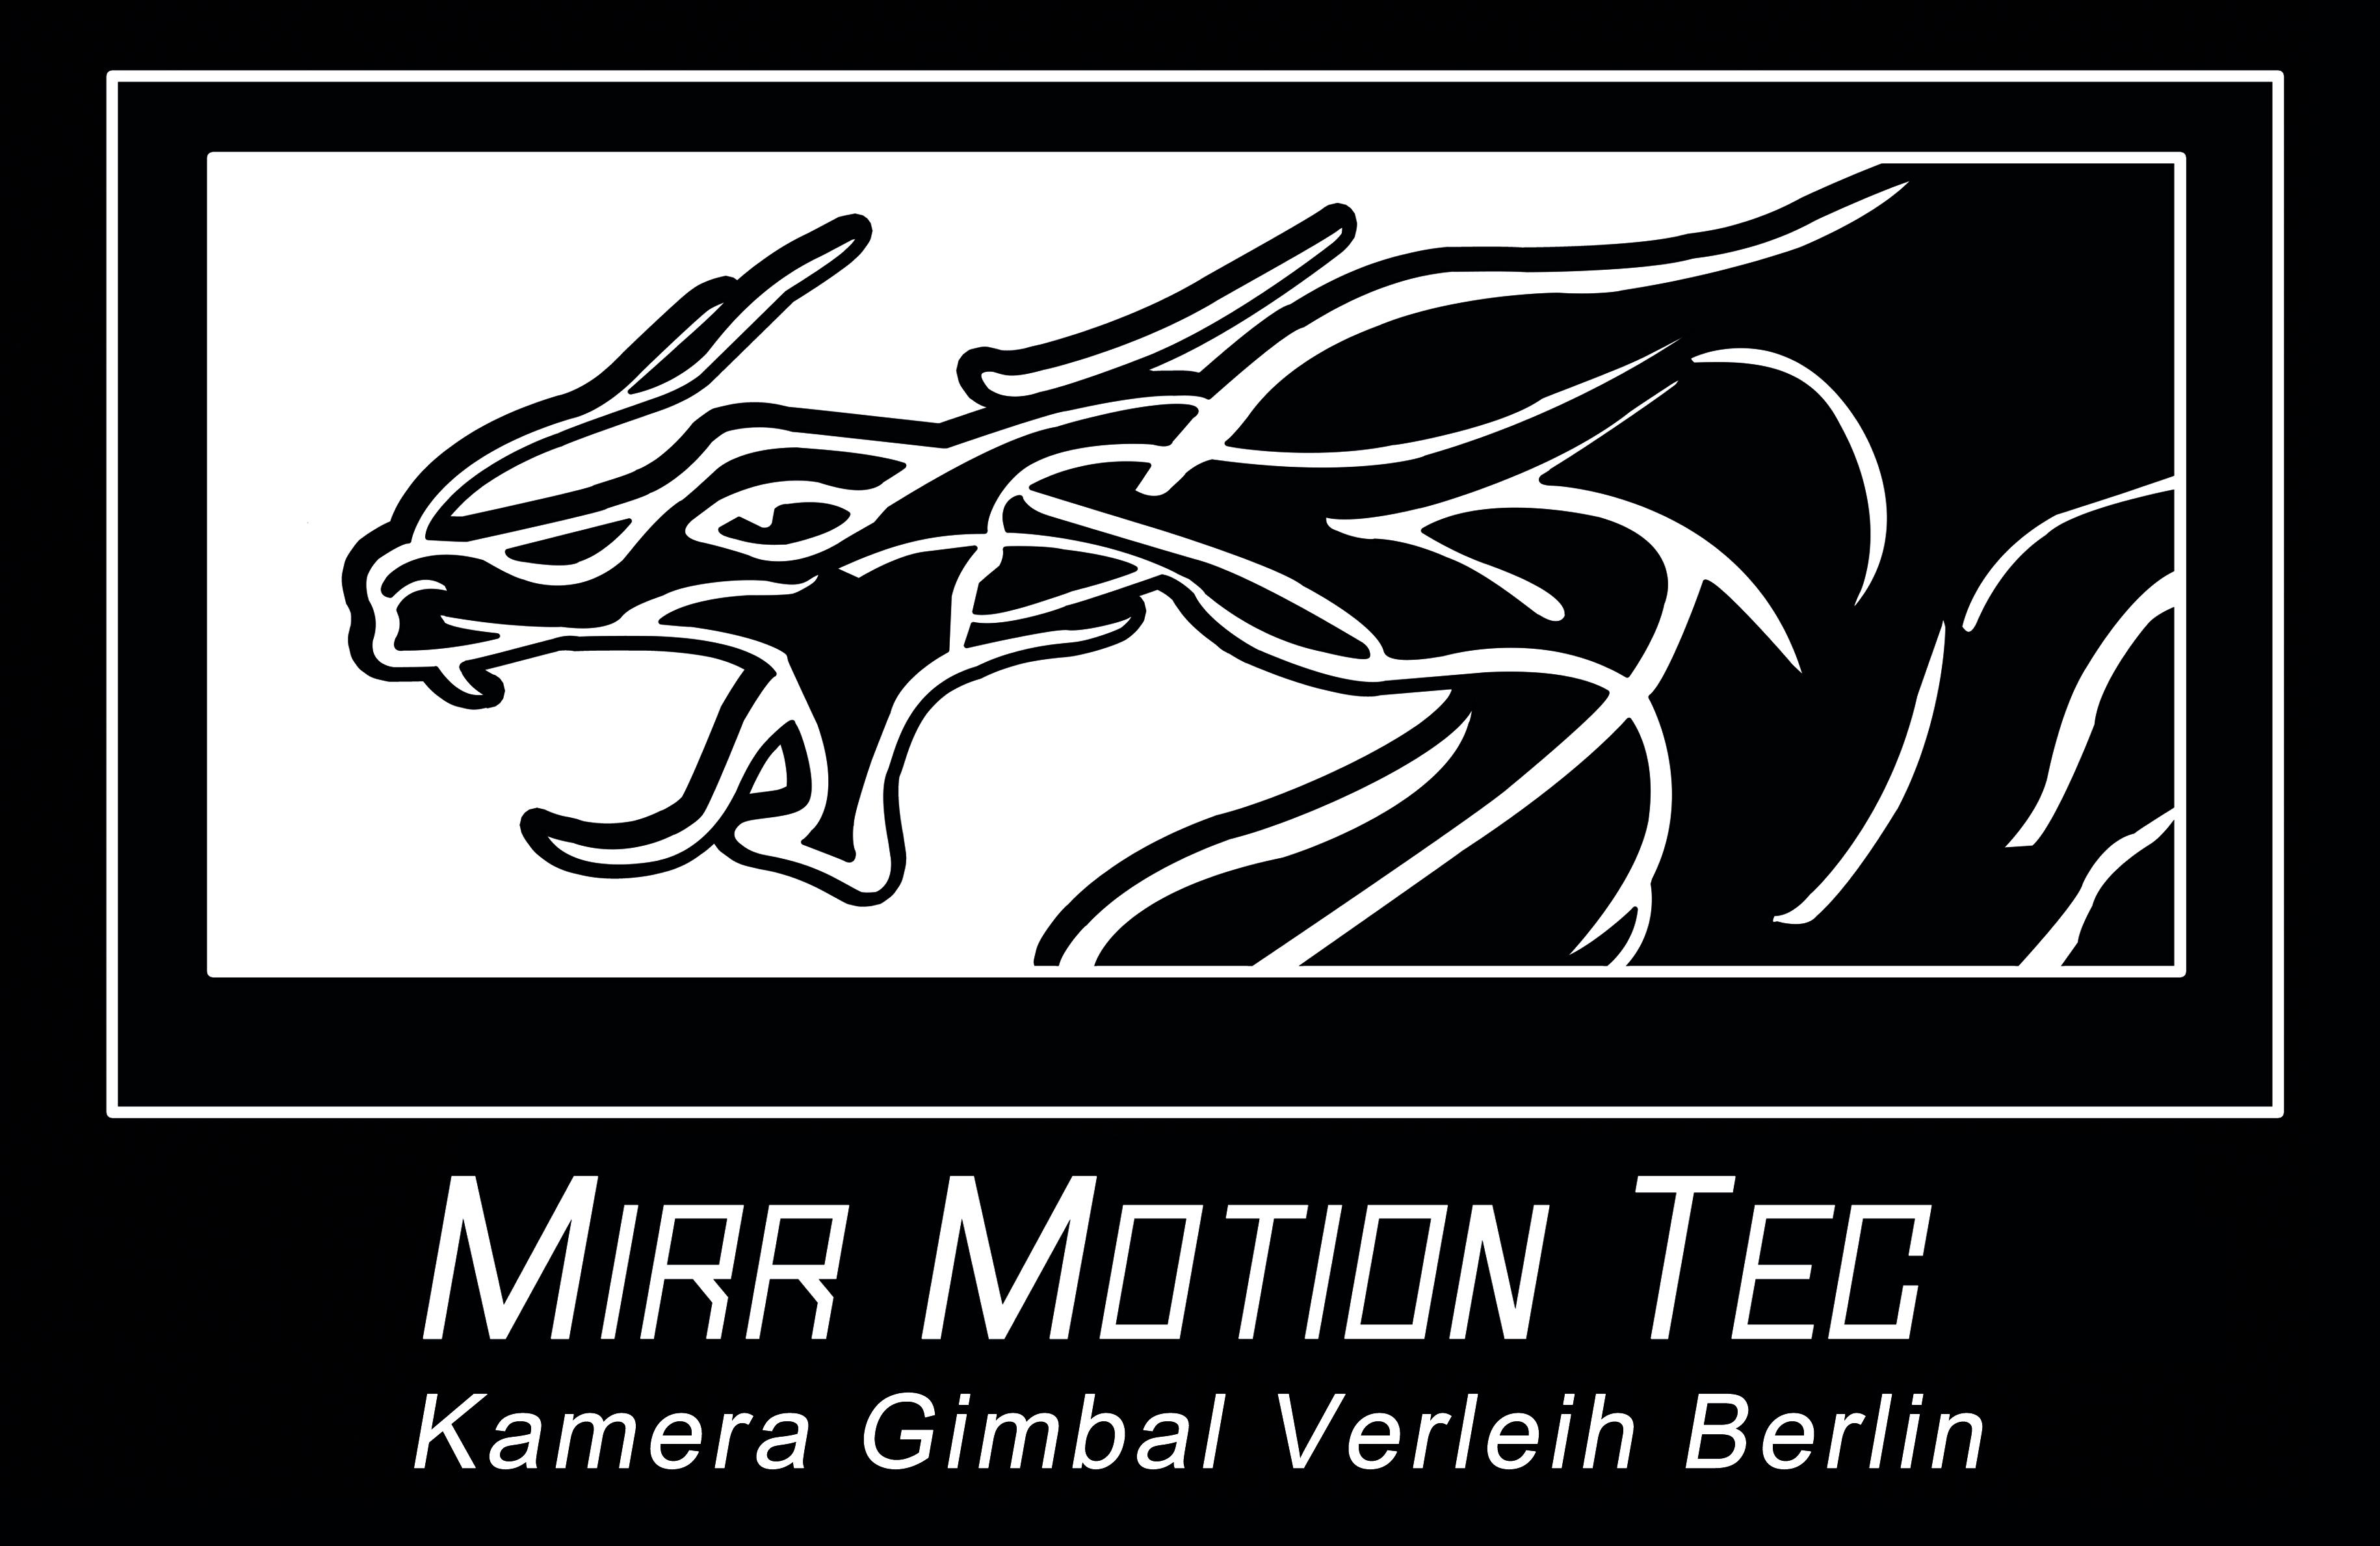 MIRR Motion Tec UG (haftungsbeschränkt)